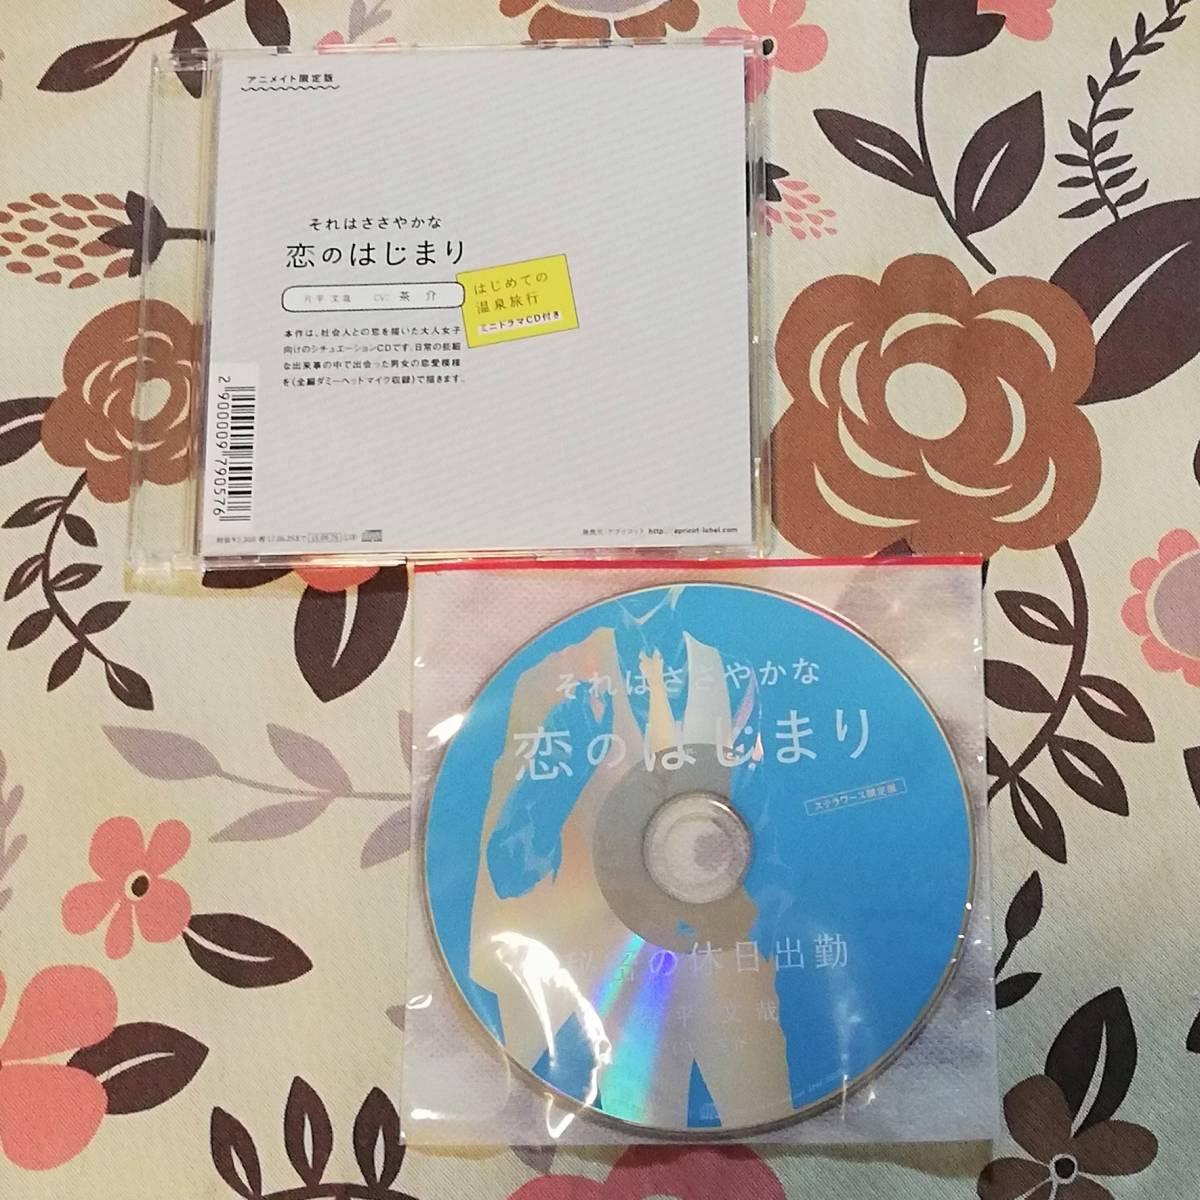 それはささやかな恋のはじまり 片平文哉 アニメイト特典CD ステラ特典CD 茶介(本編CD未開封)ステラワース_画像2